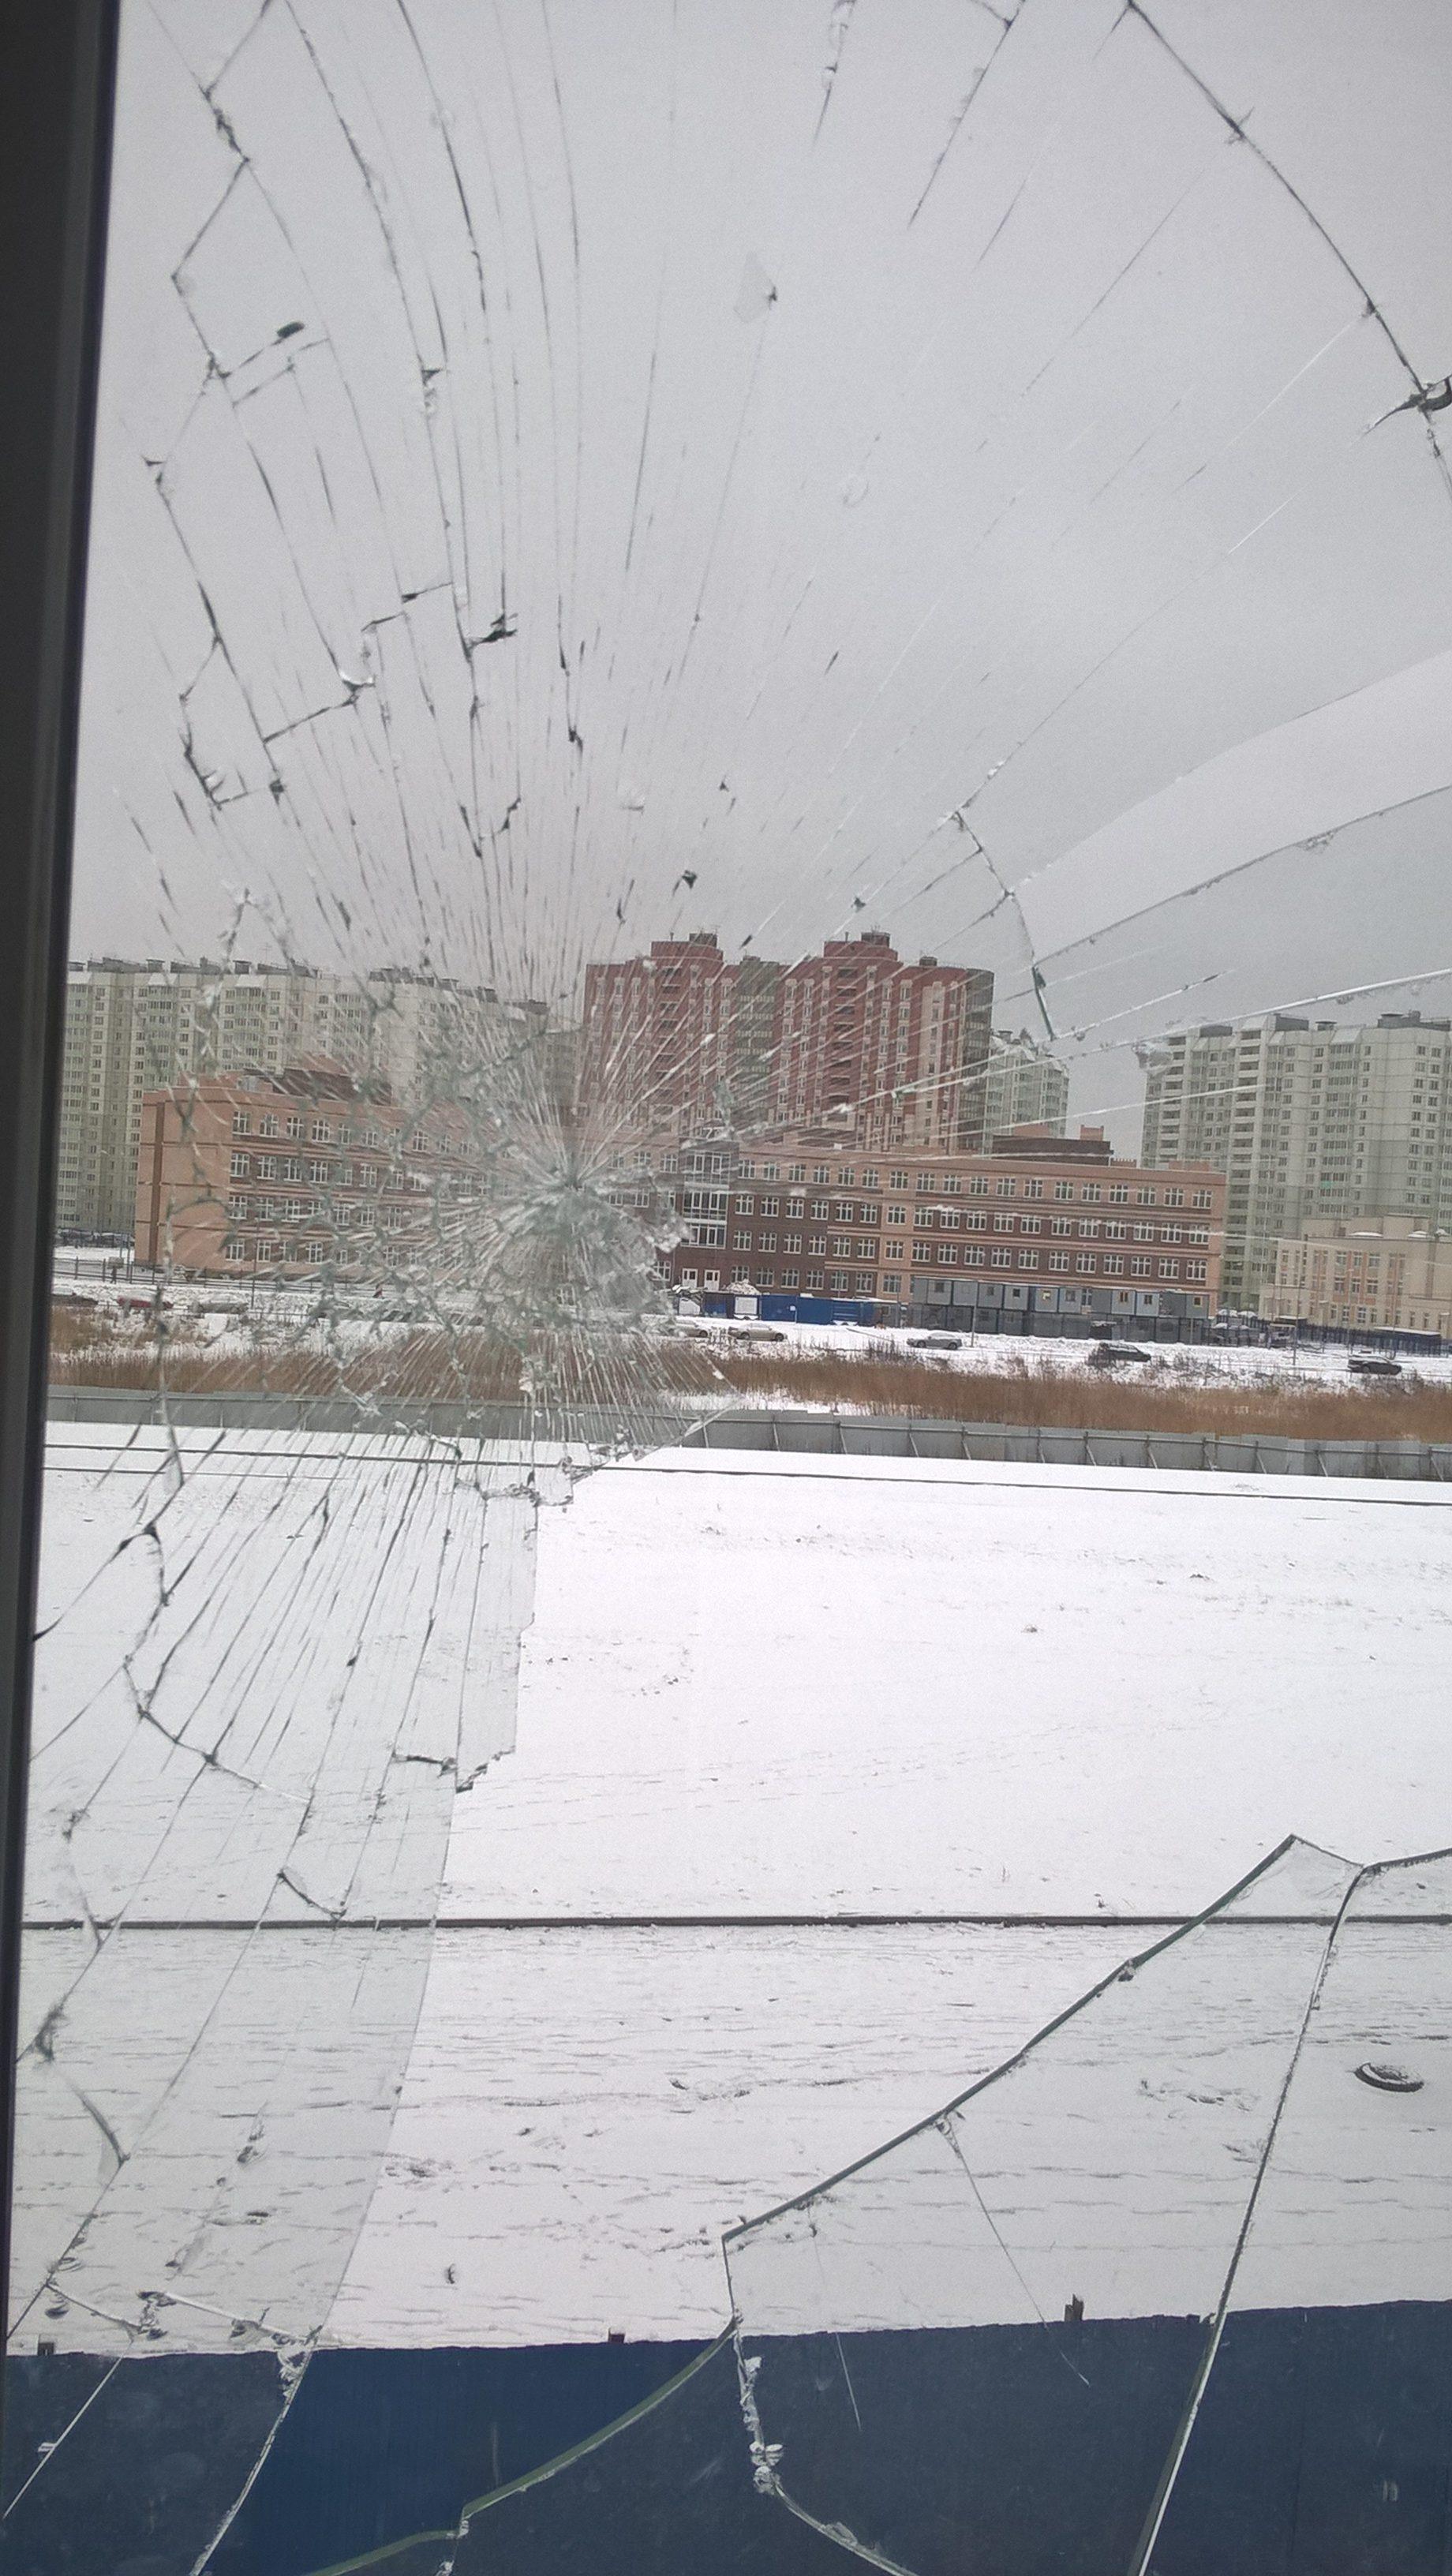 Comment les ingénieurs vivent en Russie